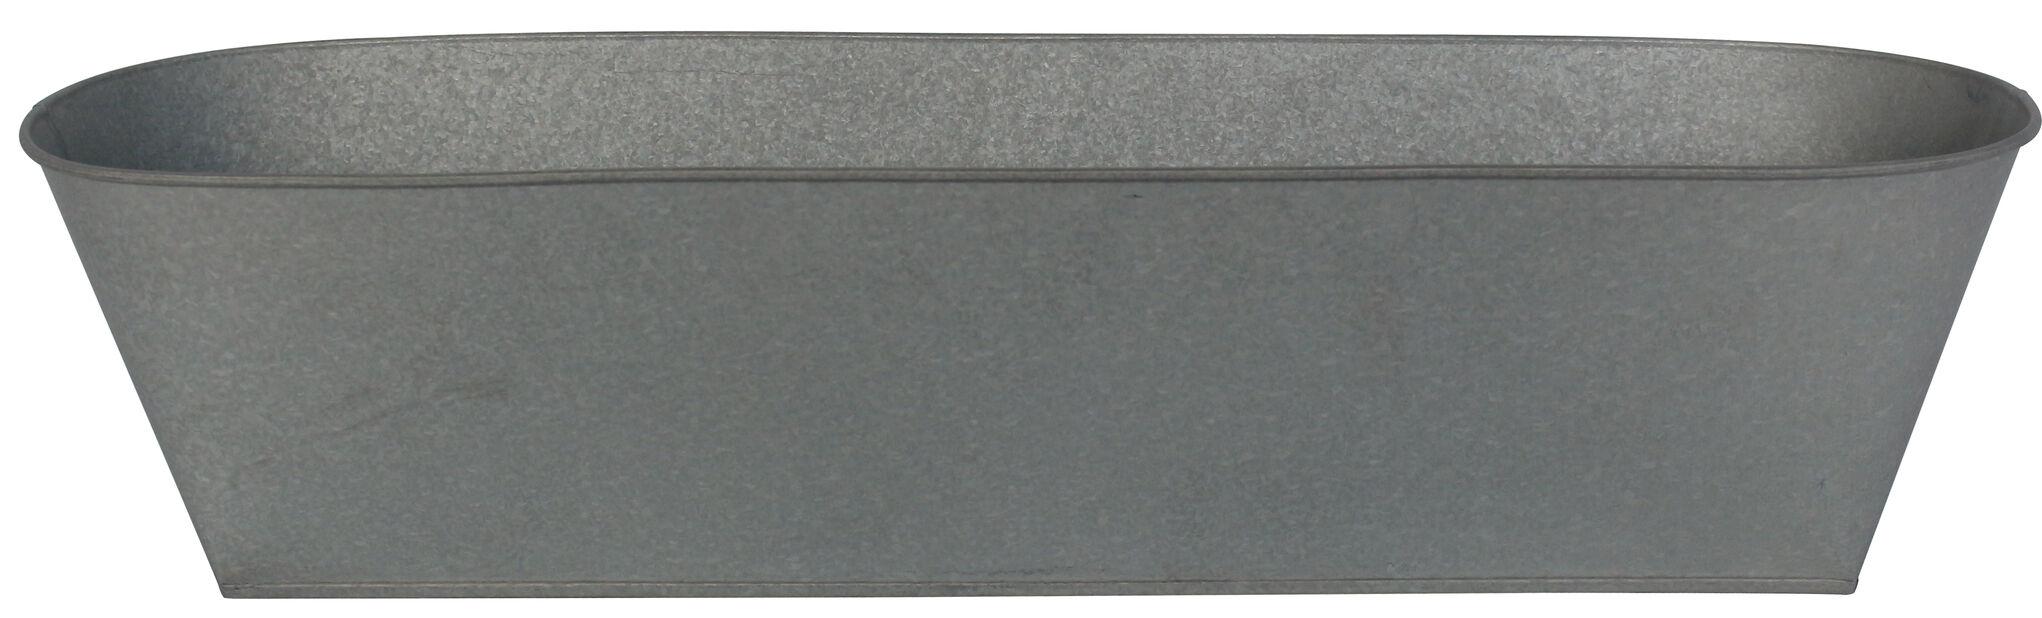 Balkonglåda Mario, Längd 61 cm, Grå